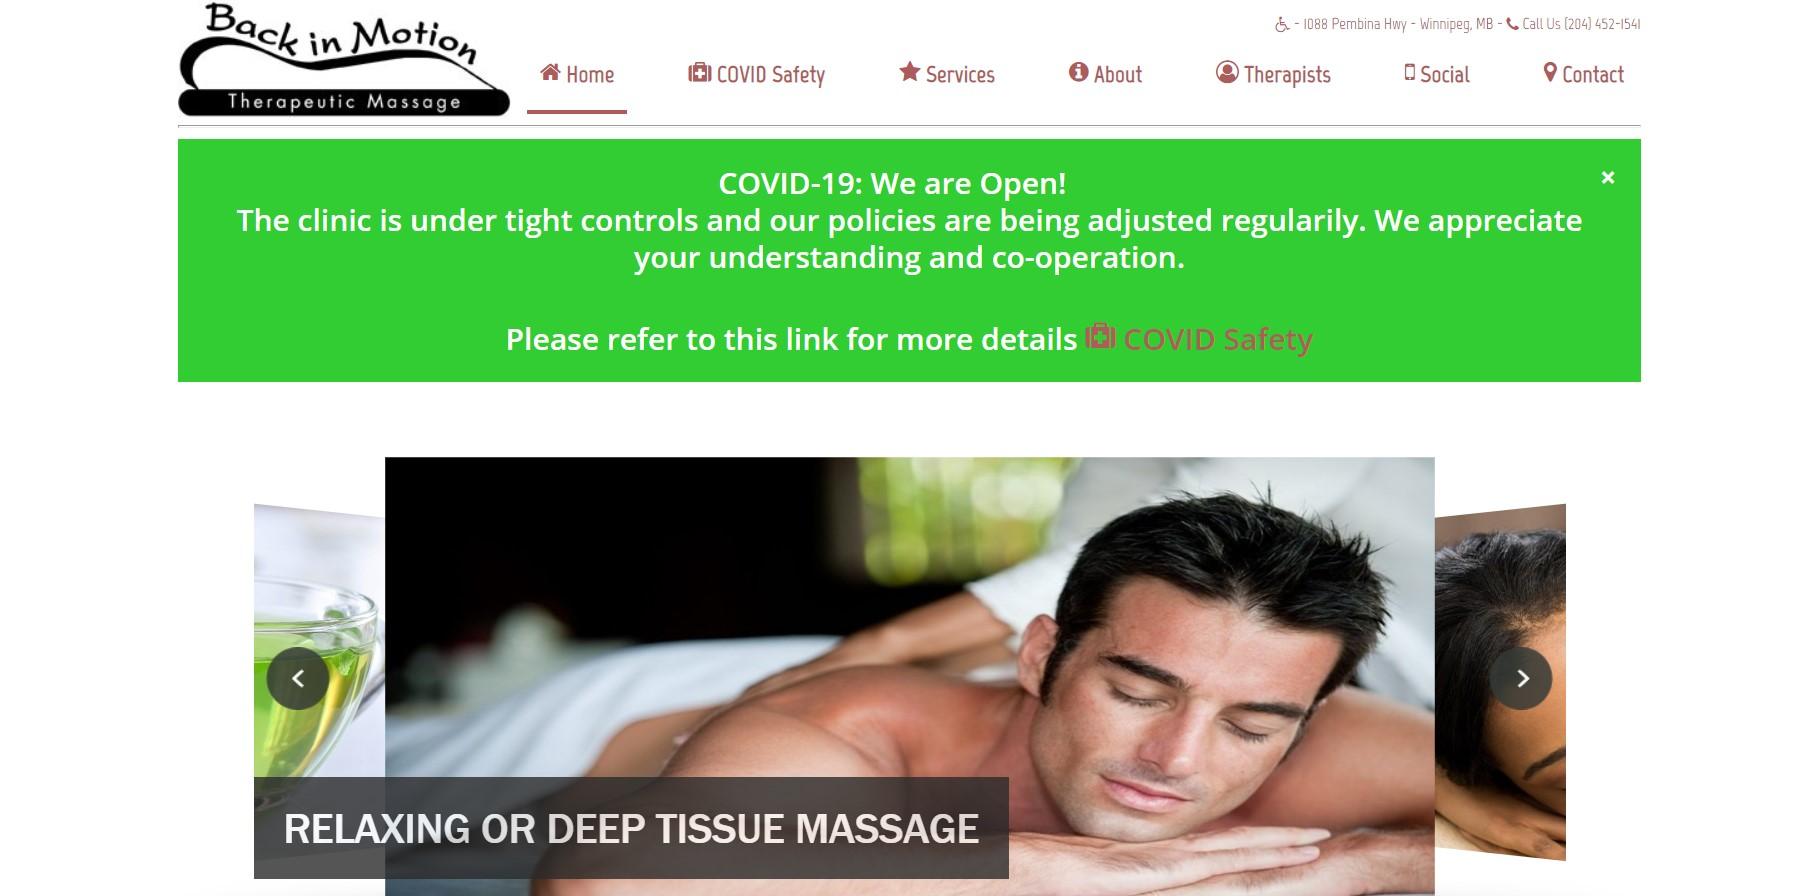 back in motion sports massage clinic in winnipeg